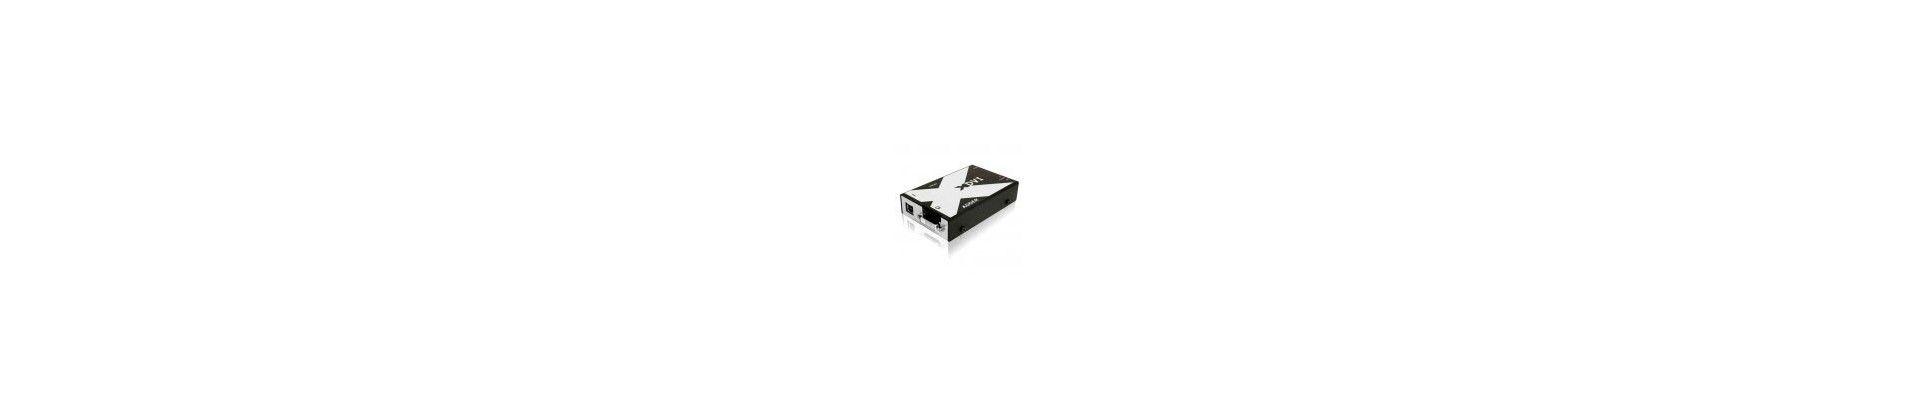 Extender PS/2 USB DVI